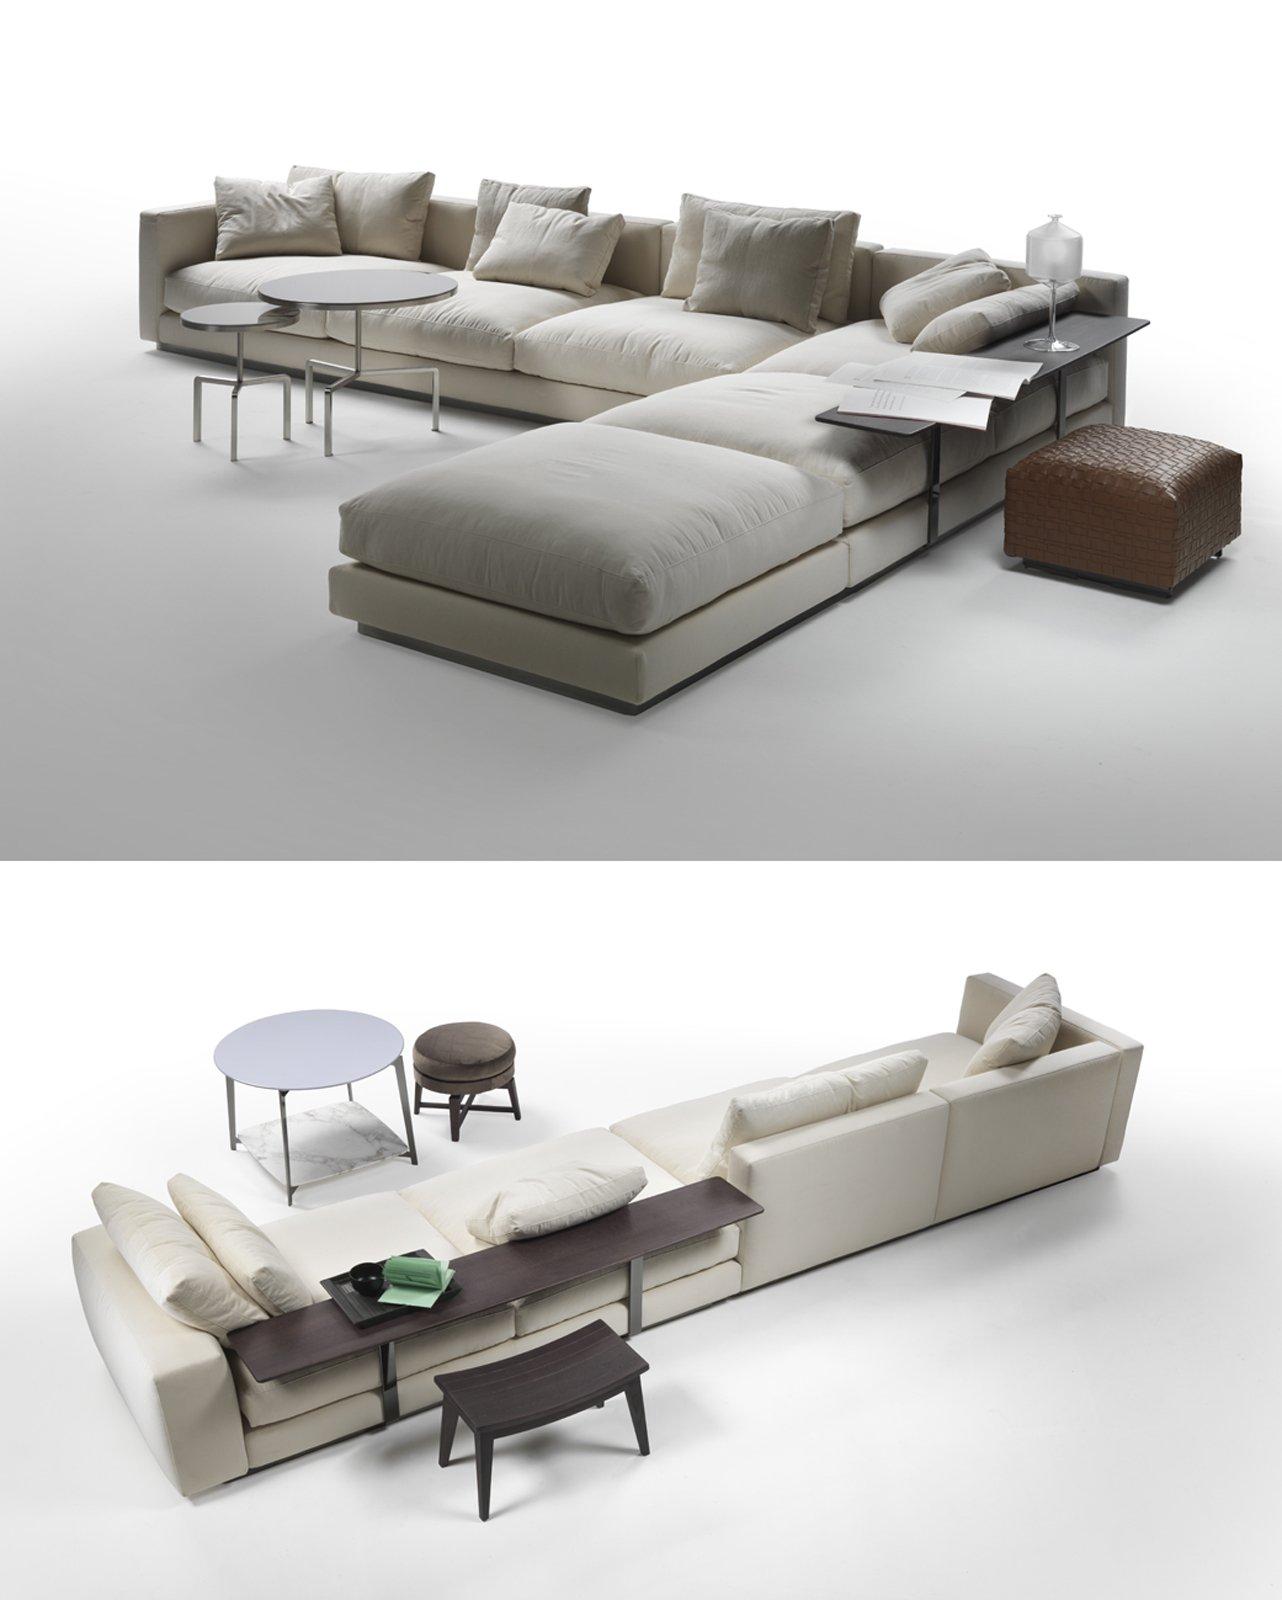 Divani con piani d 39 appoggio integrati cose di casa - Divano le confort ...